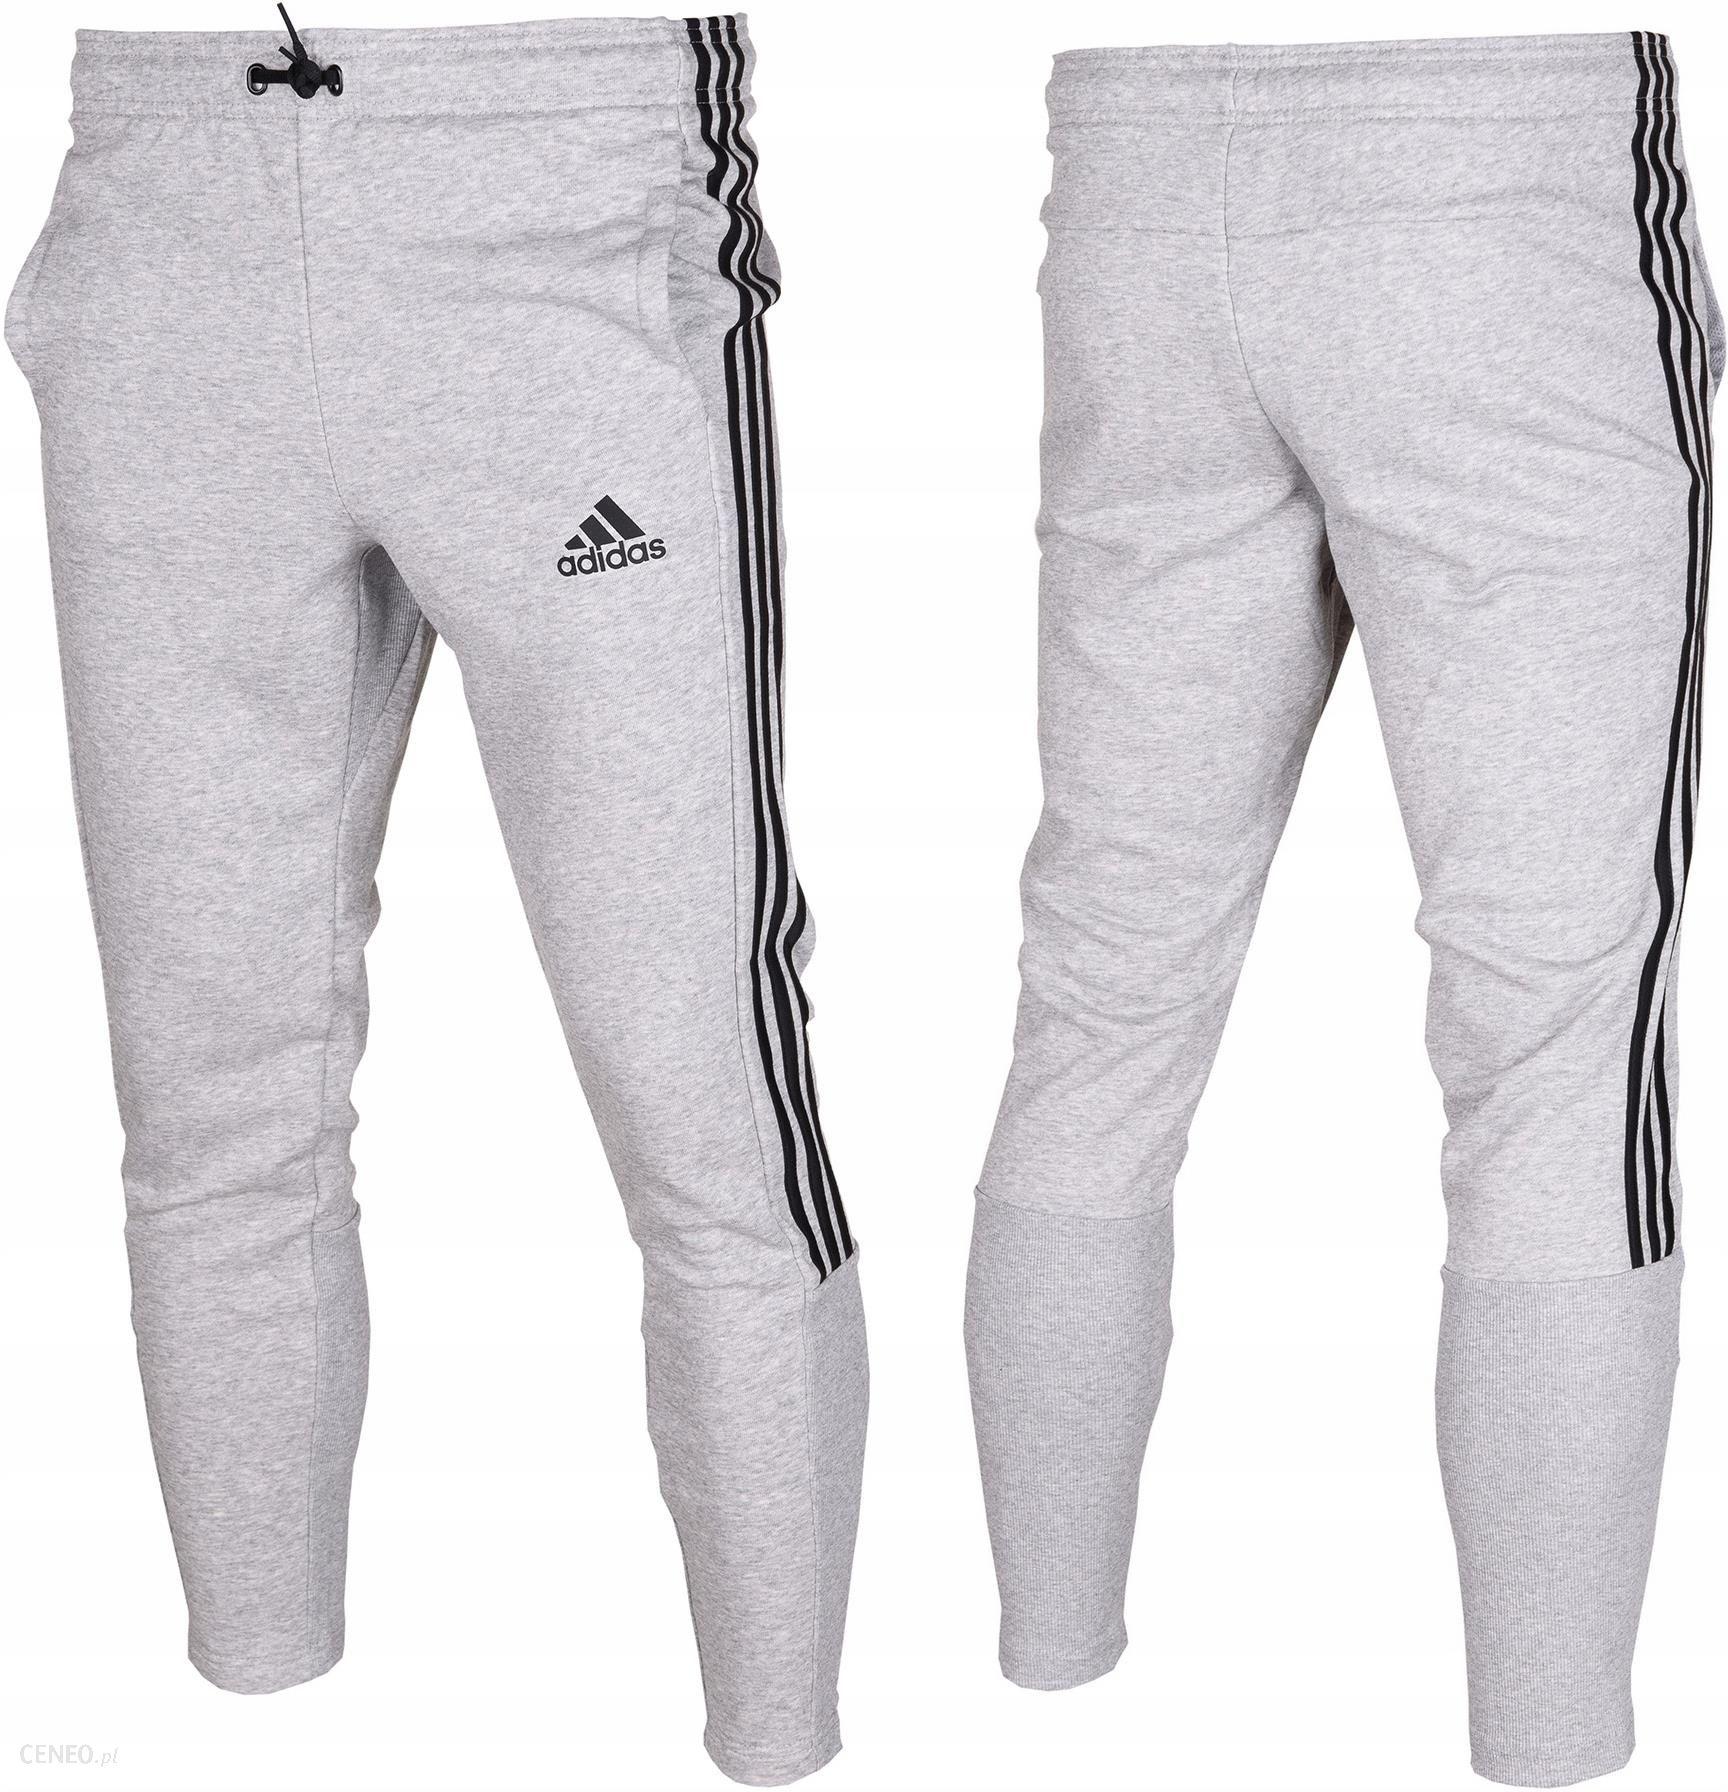 66cc6a58d9b06 Adidas spodnie dresowe dresy męskie Mh Tiro r.S - Ceny i opinie ...